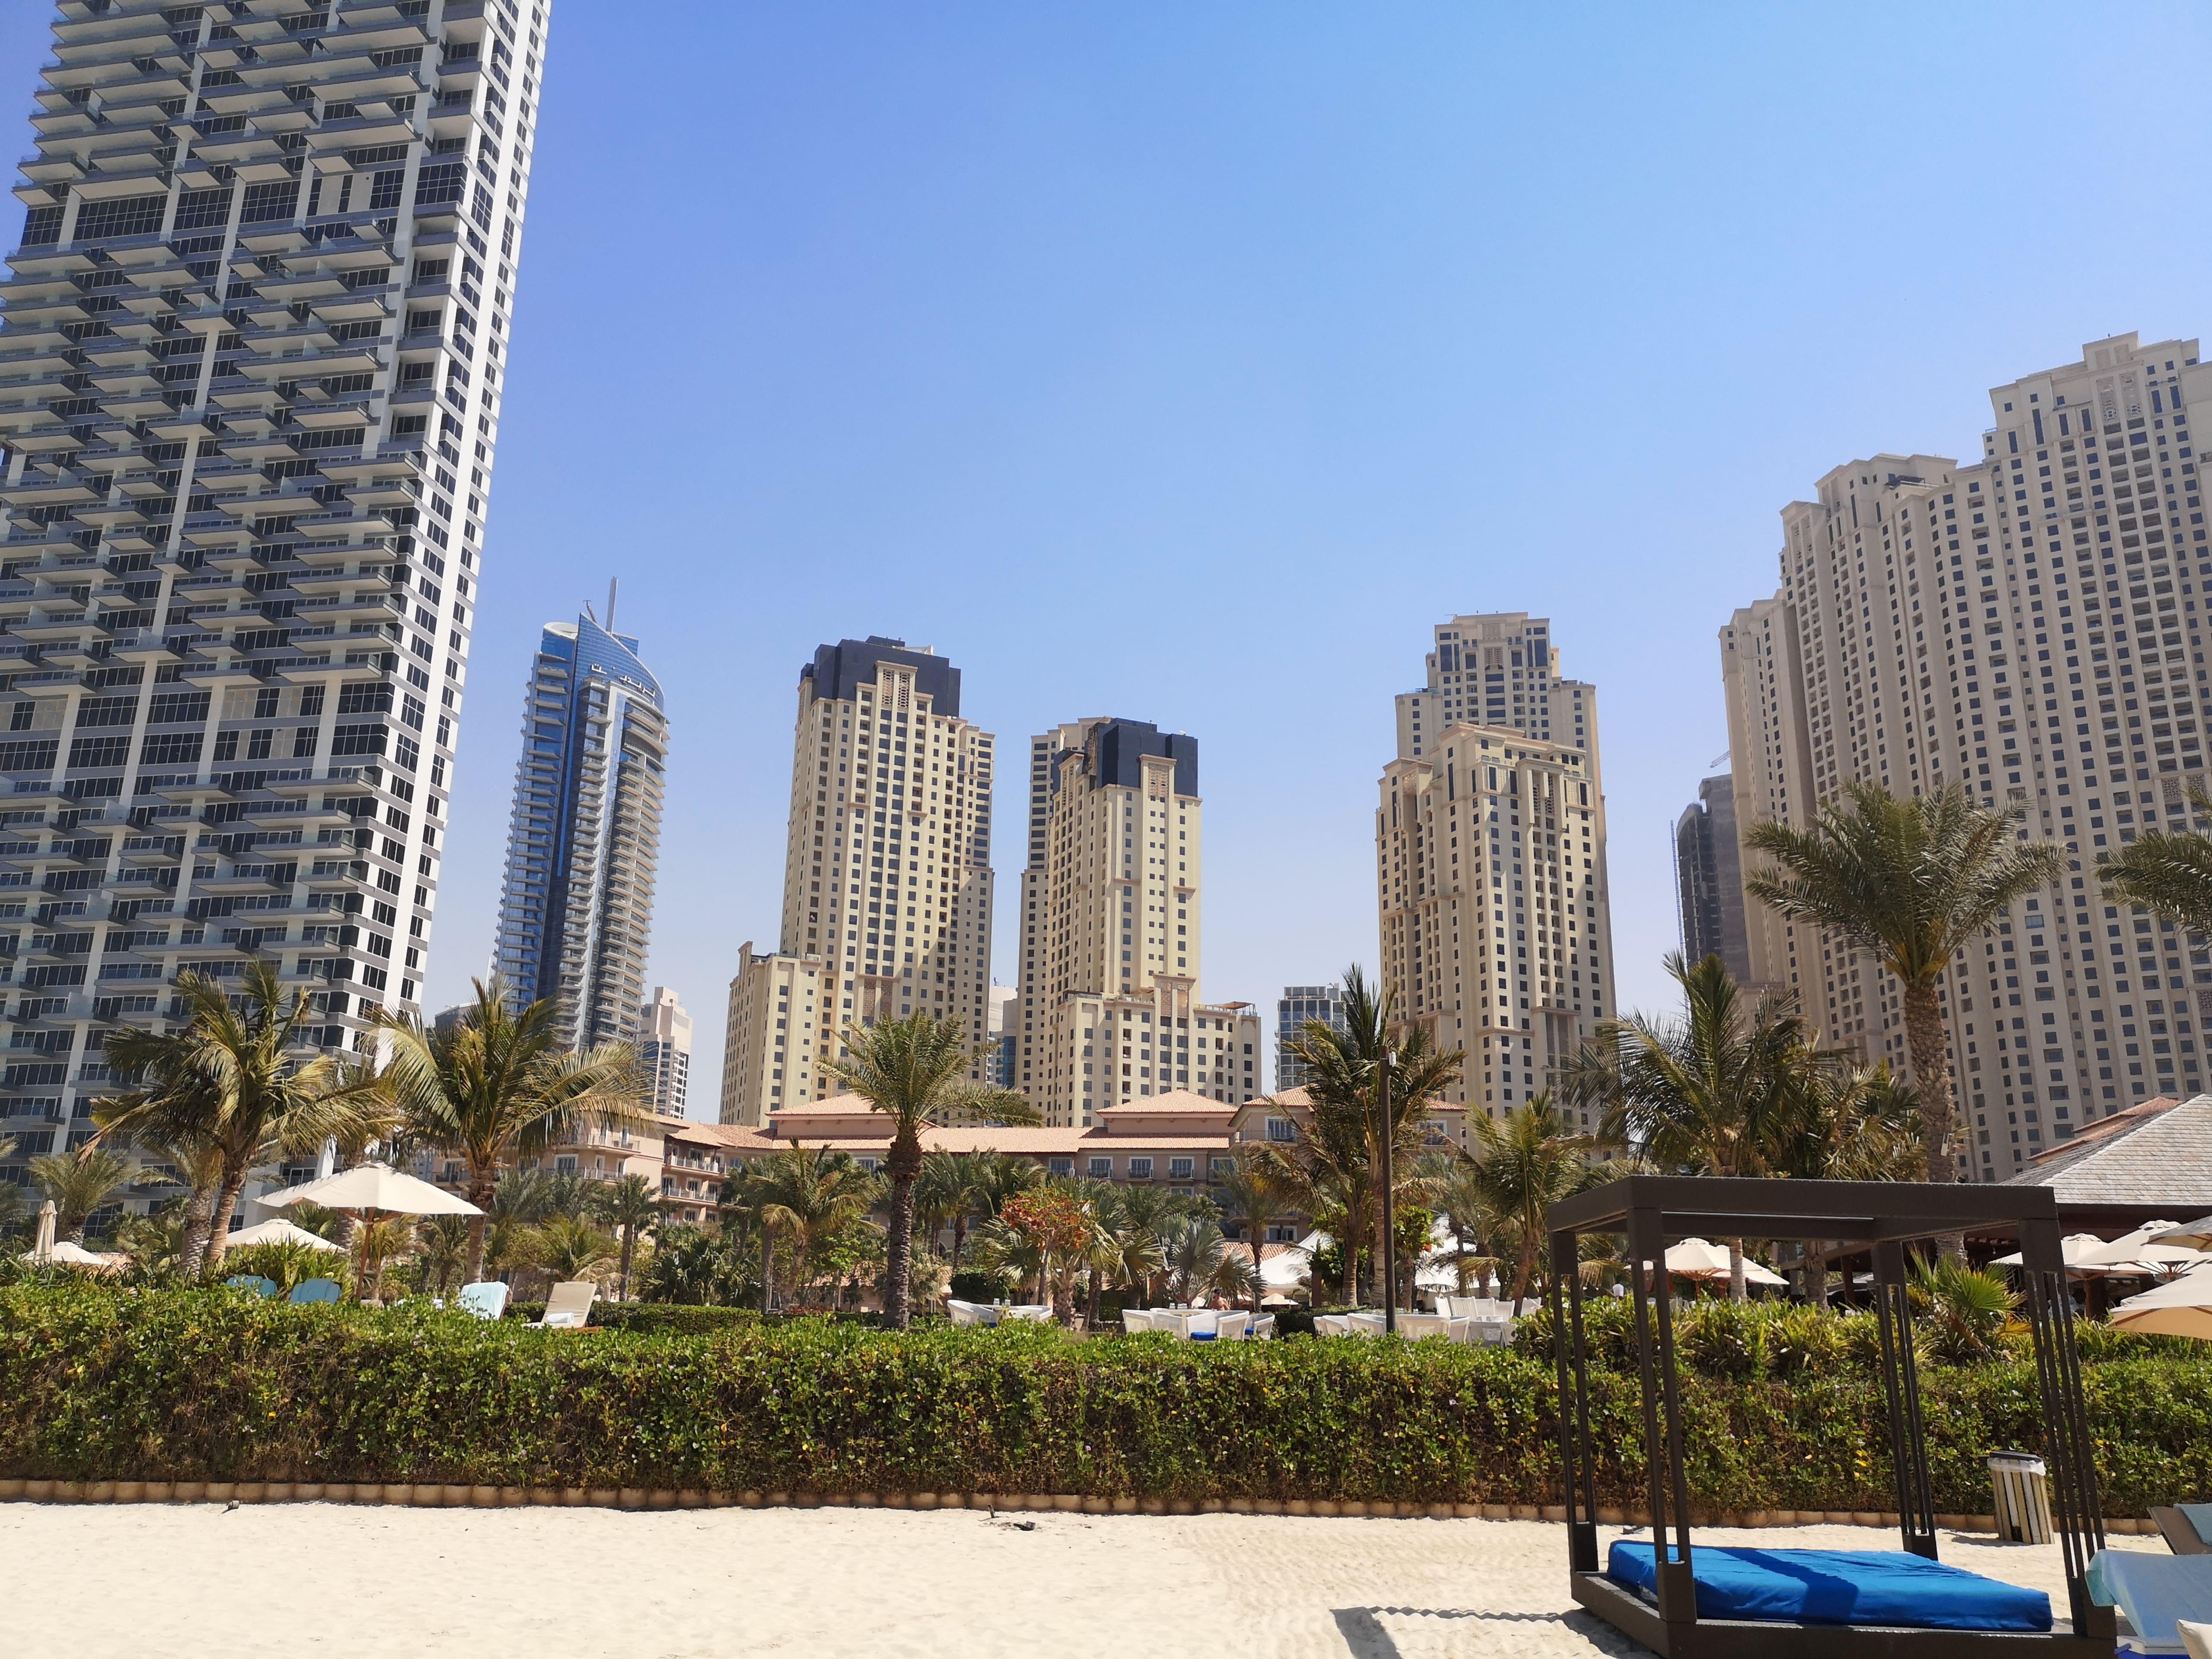 Dovolenka Dubaj pláž hotela Ritz-Carlton